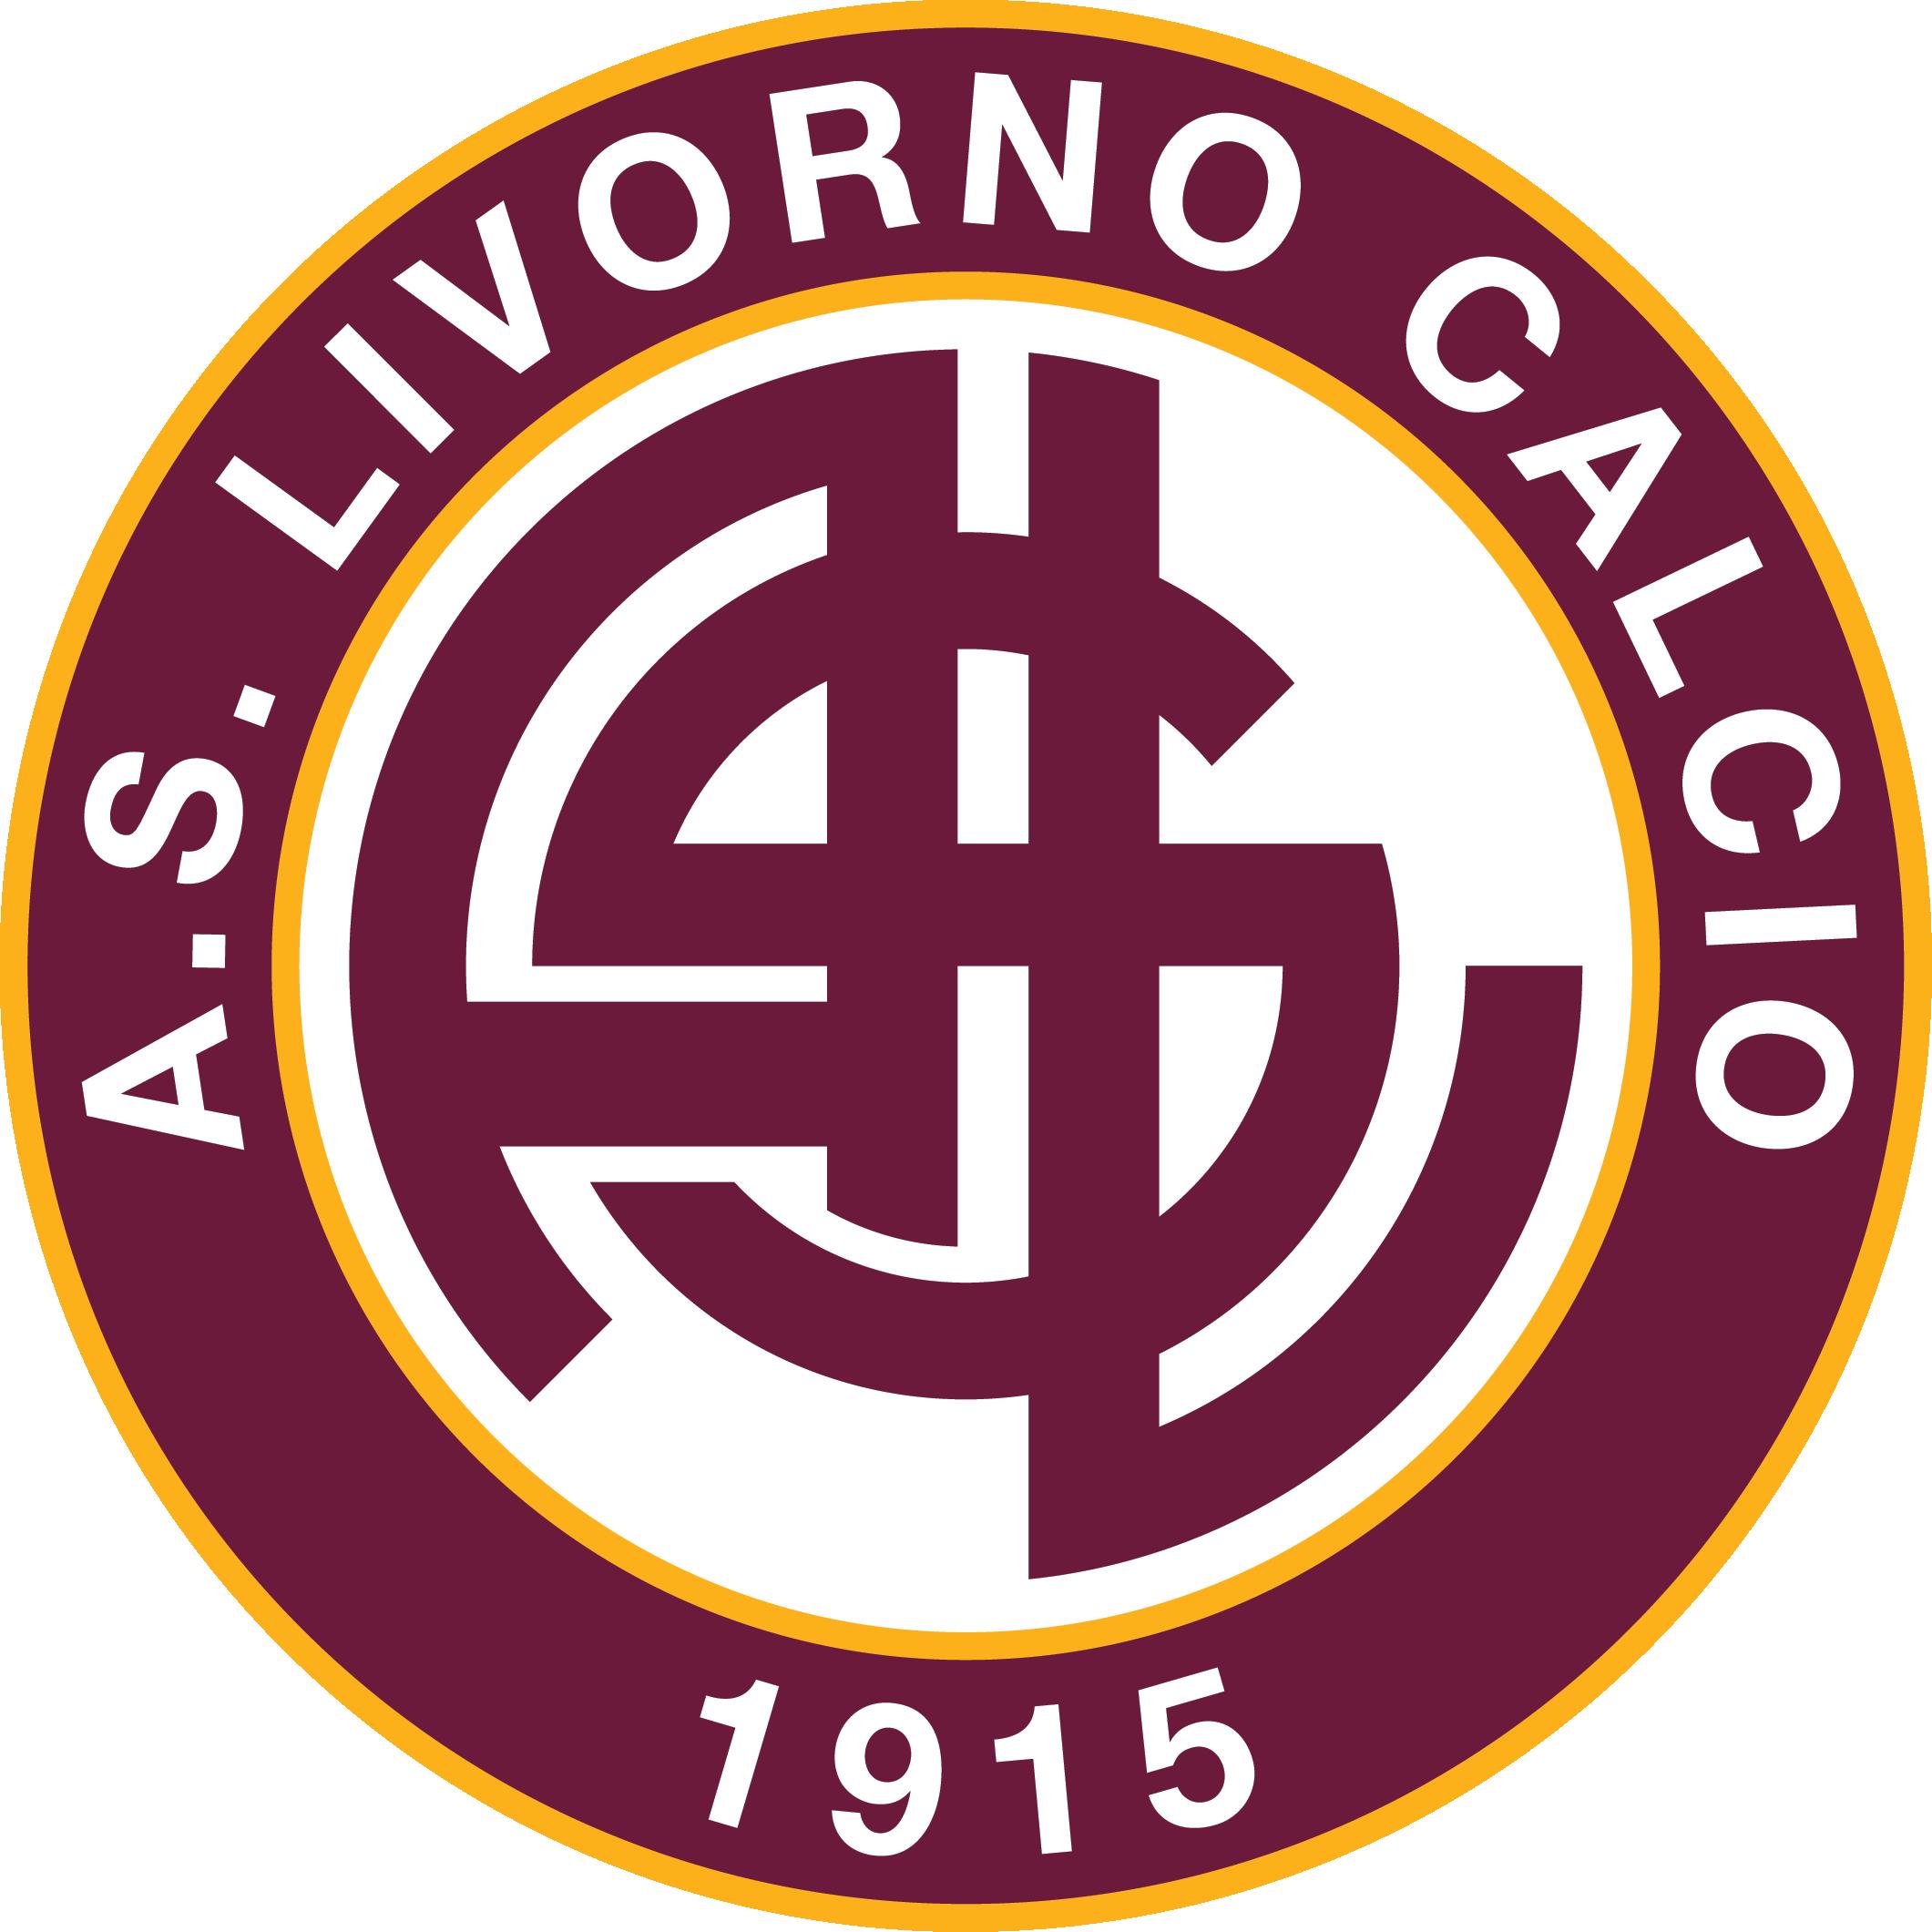 Livorno Piłka nożna i Włochy